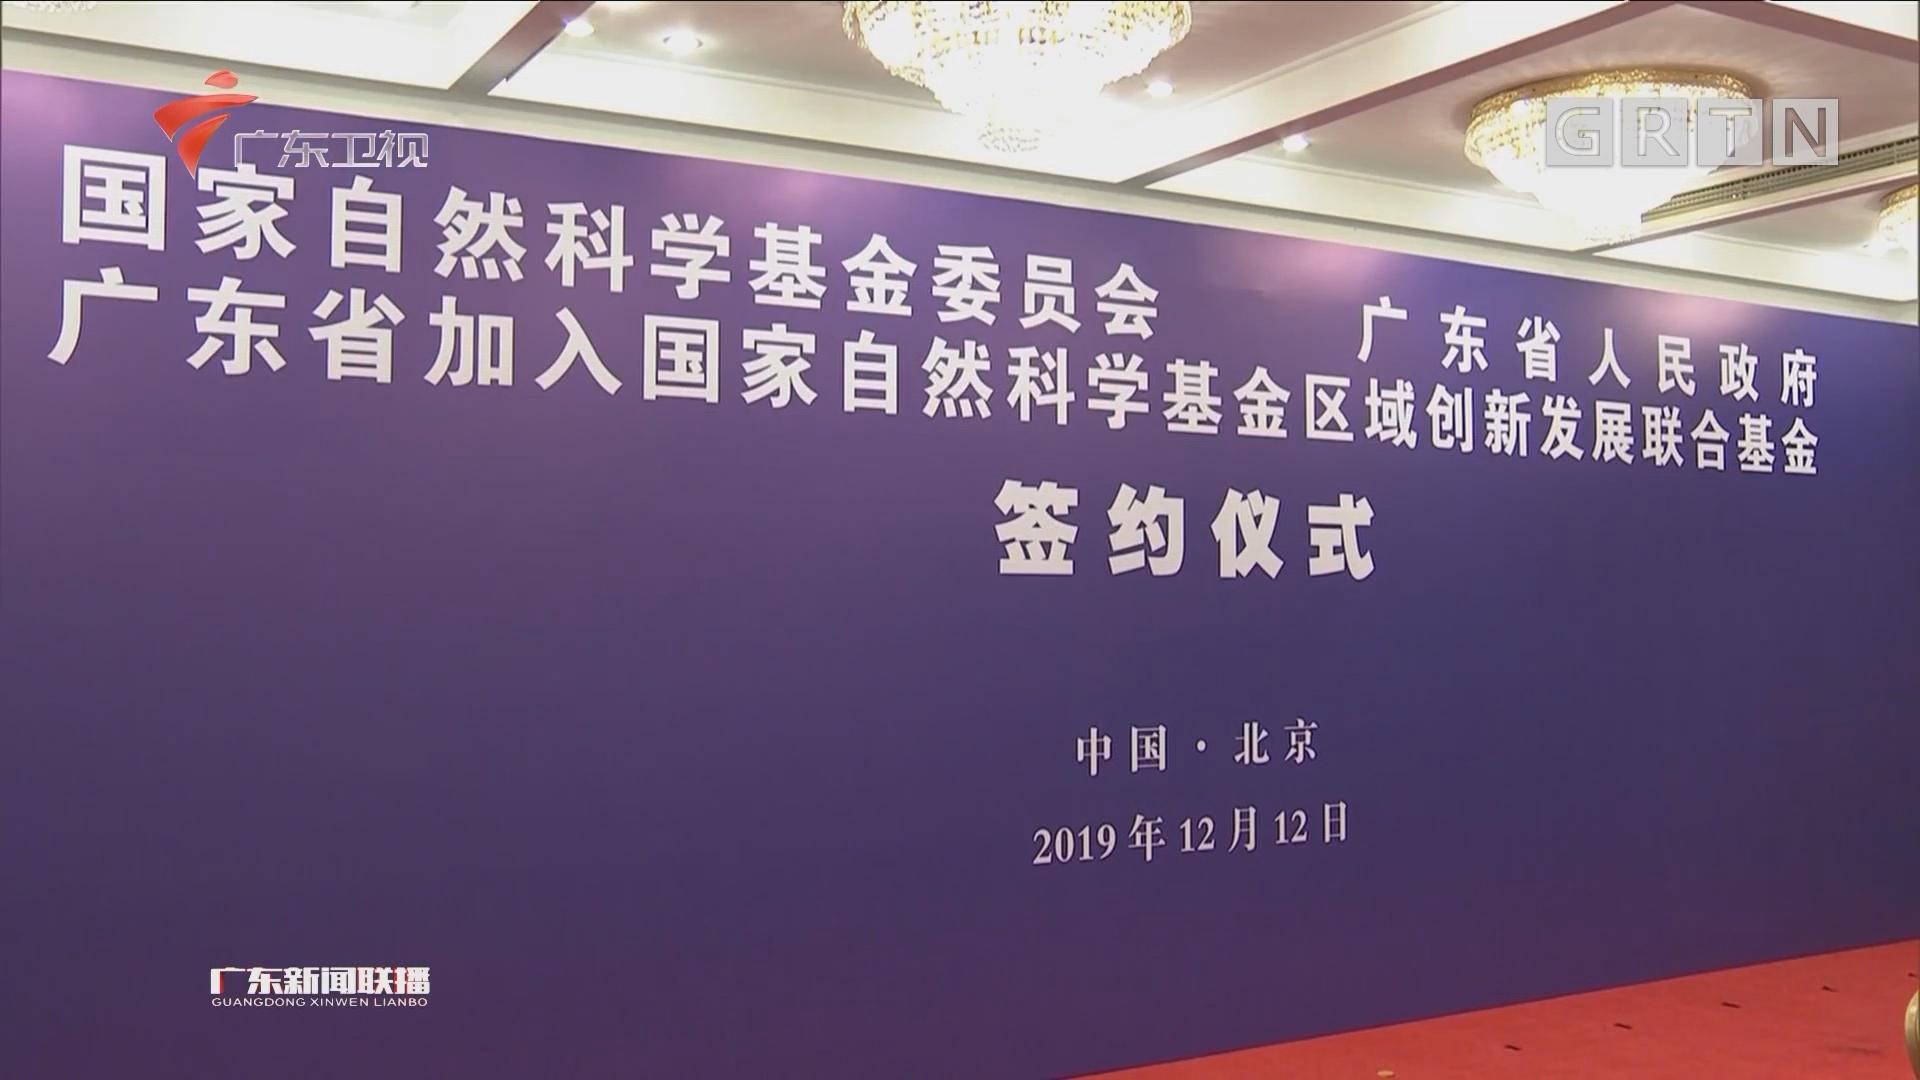 广东省与国家自然科学基金委员会签署区域创新发展联合基金协议 马兴瑞李静海见证签约